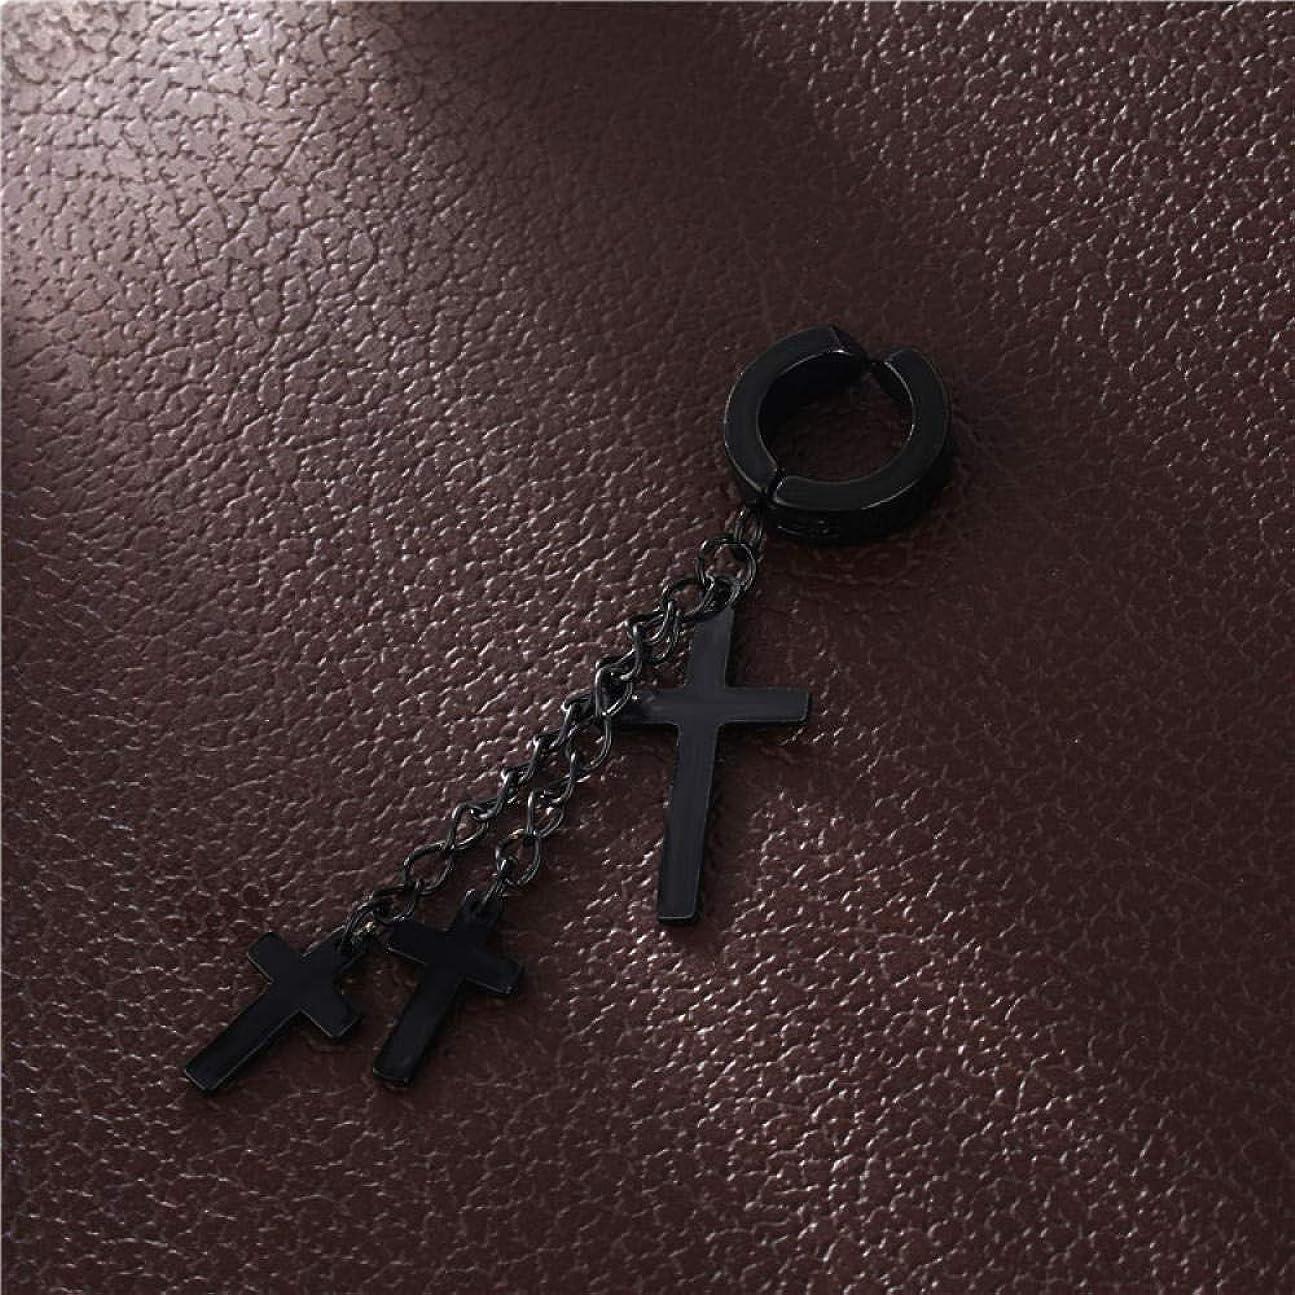 ハーネスビジュアル反動晋良貿易チタンスチール3クロスイヤークリップイヤリングチェーンタッセルクロスイヤークリップイヤリング-3つの十字架が付いた黒い耳クリップ